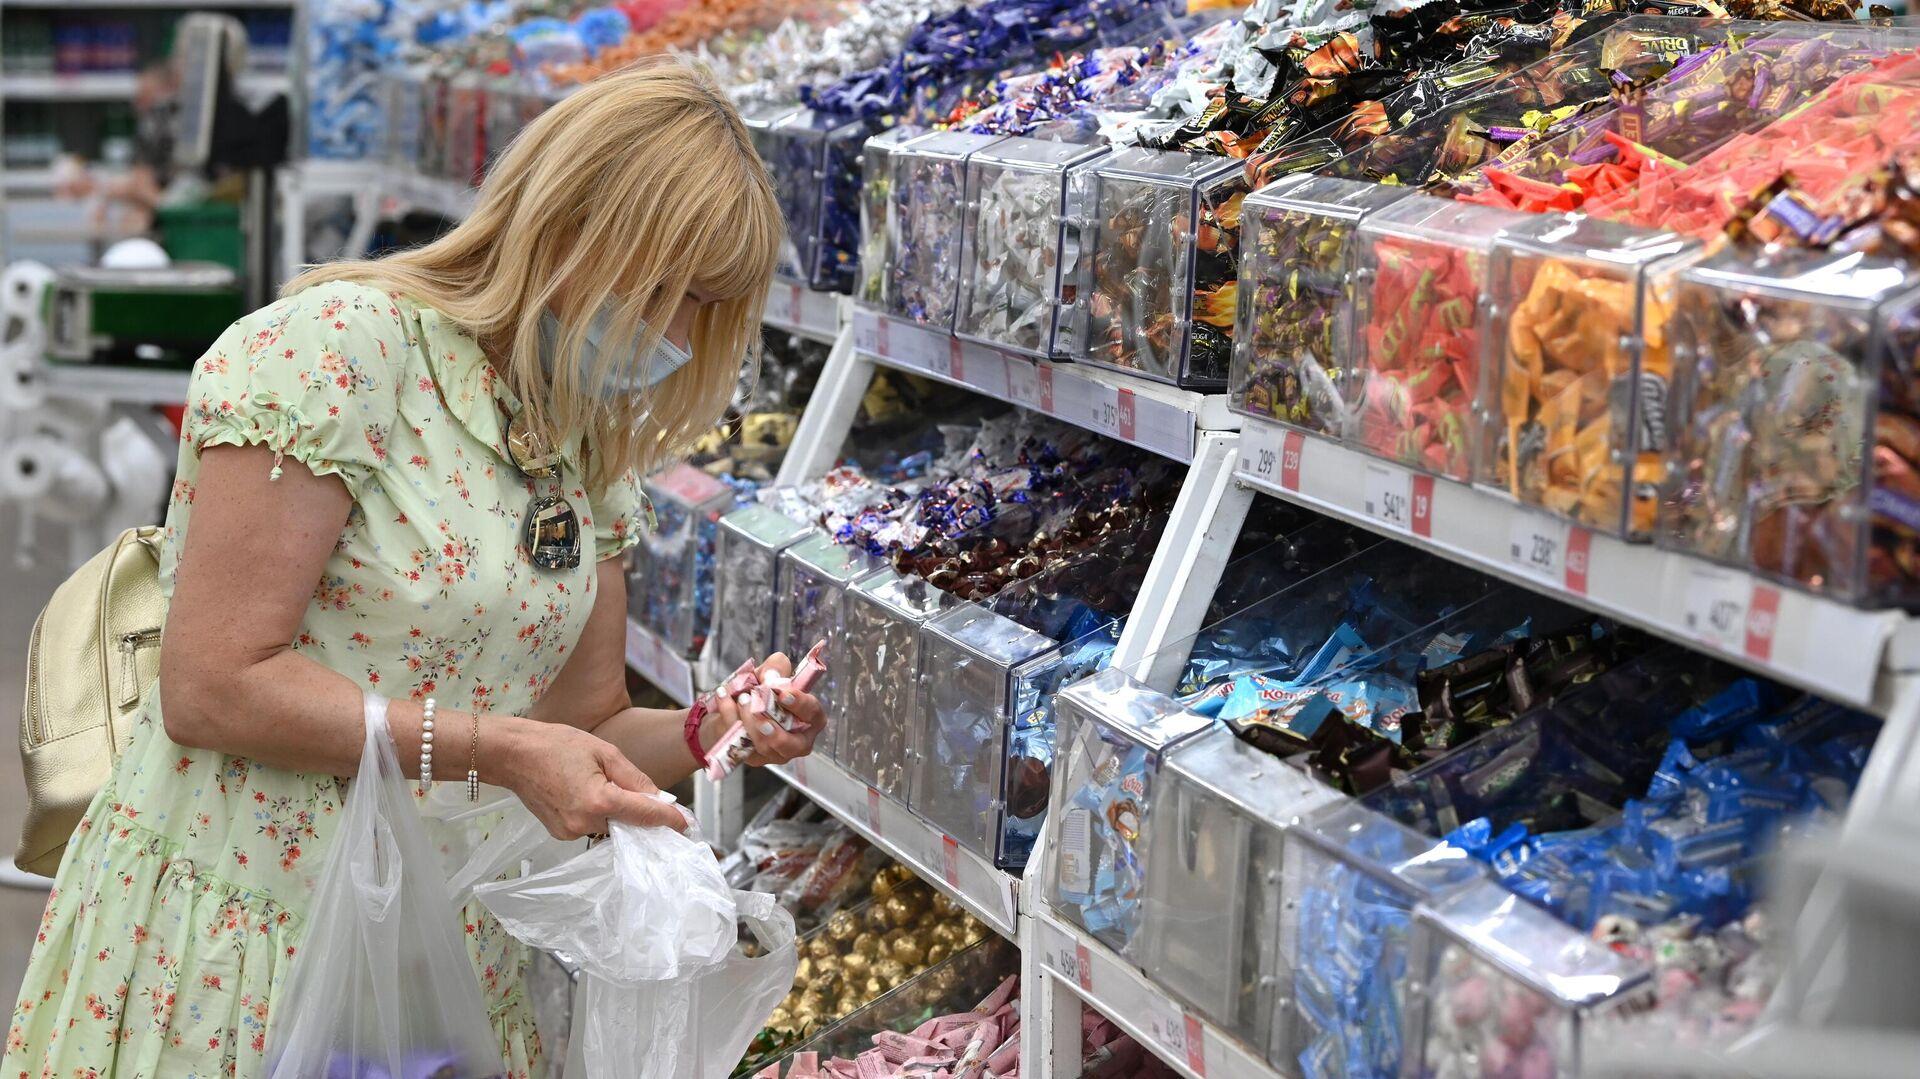 Девушка покупает конфеты в бакалейном отделе гипермаркета Ашан в Москве - РИА Новости, 1920, 07.09.2021